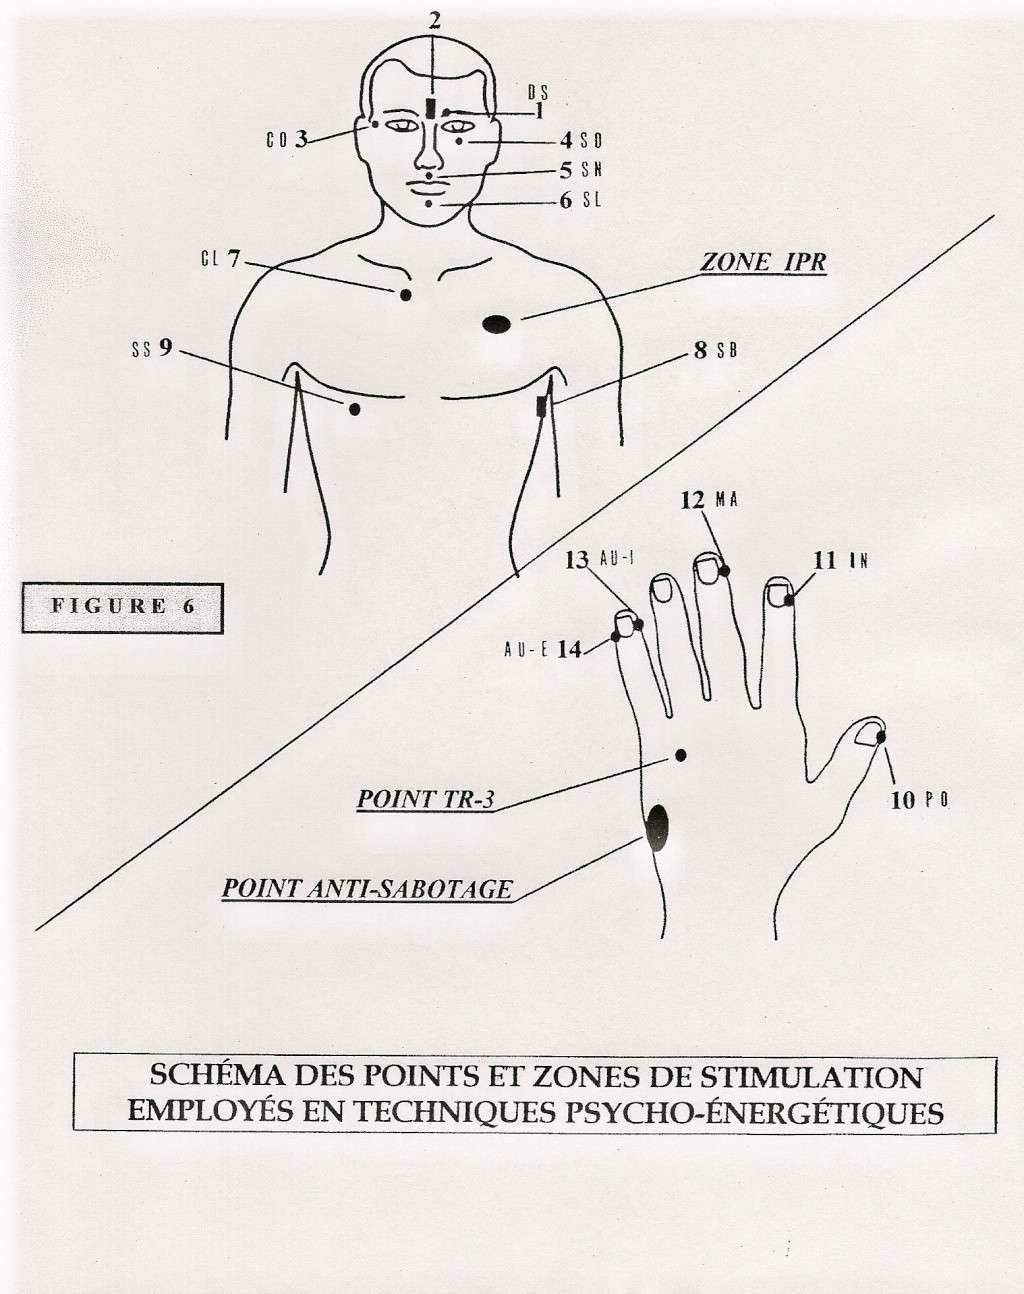 EFT ÉTAPE 3 : ILLUSTRATION ACCOMPAGNANT LE PROTOCOLE À VENIR Eft113